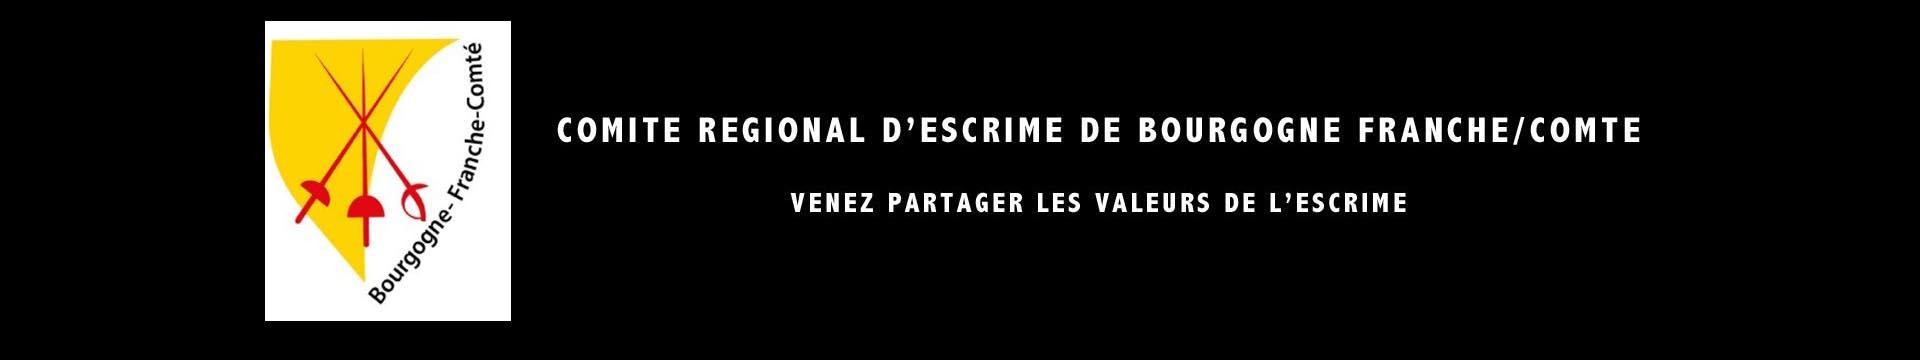 Comité Régional d'Escrime de Bourgogne/Franche Comté